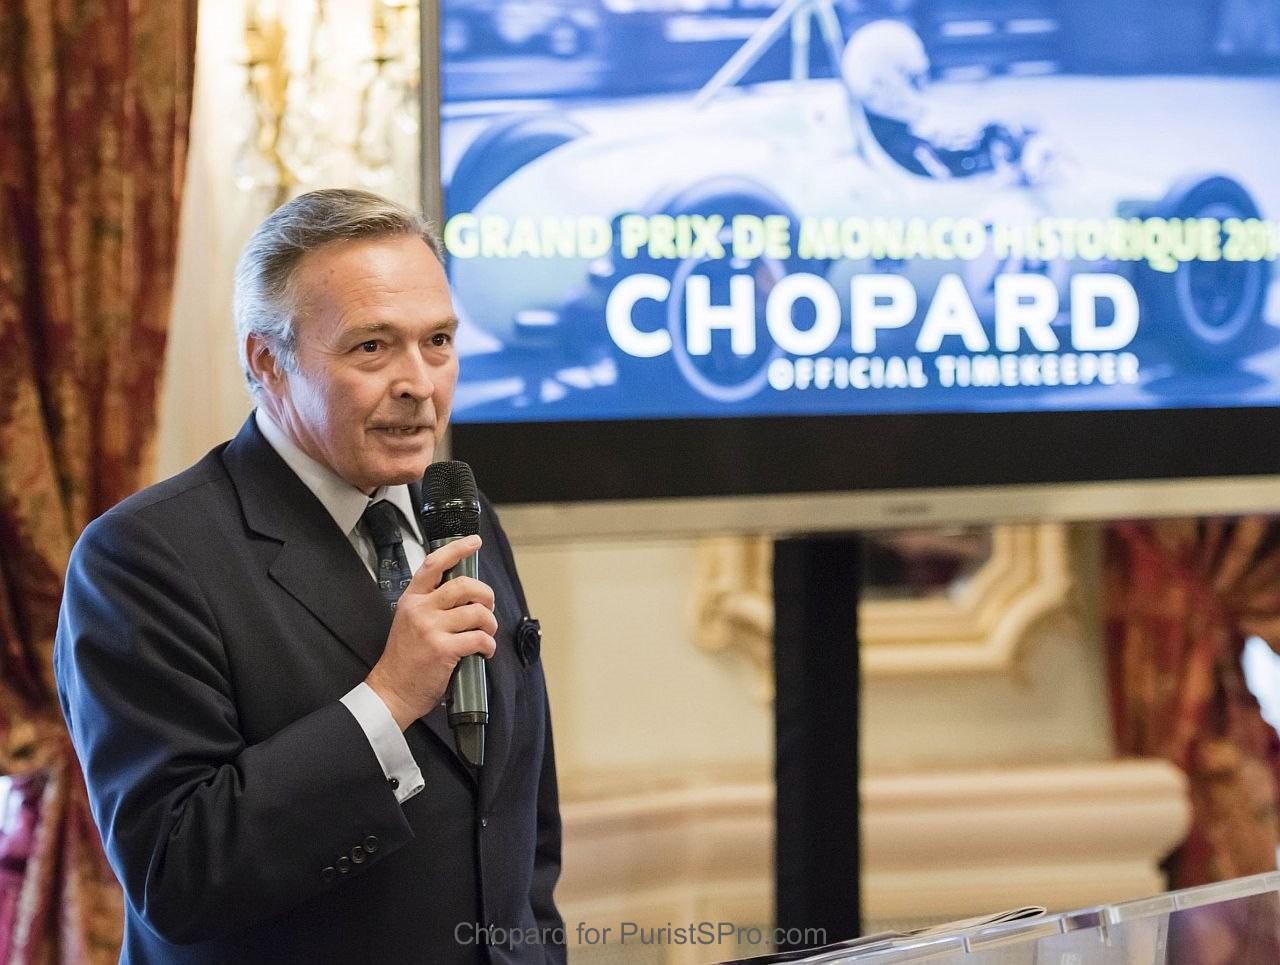 Chopard Co-President K-F Scheufele